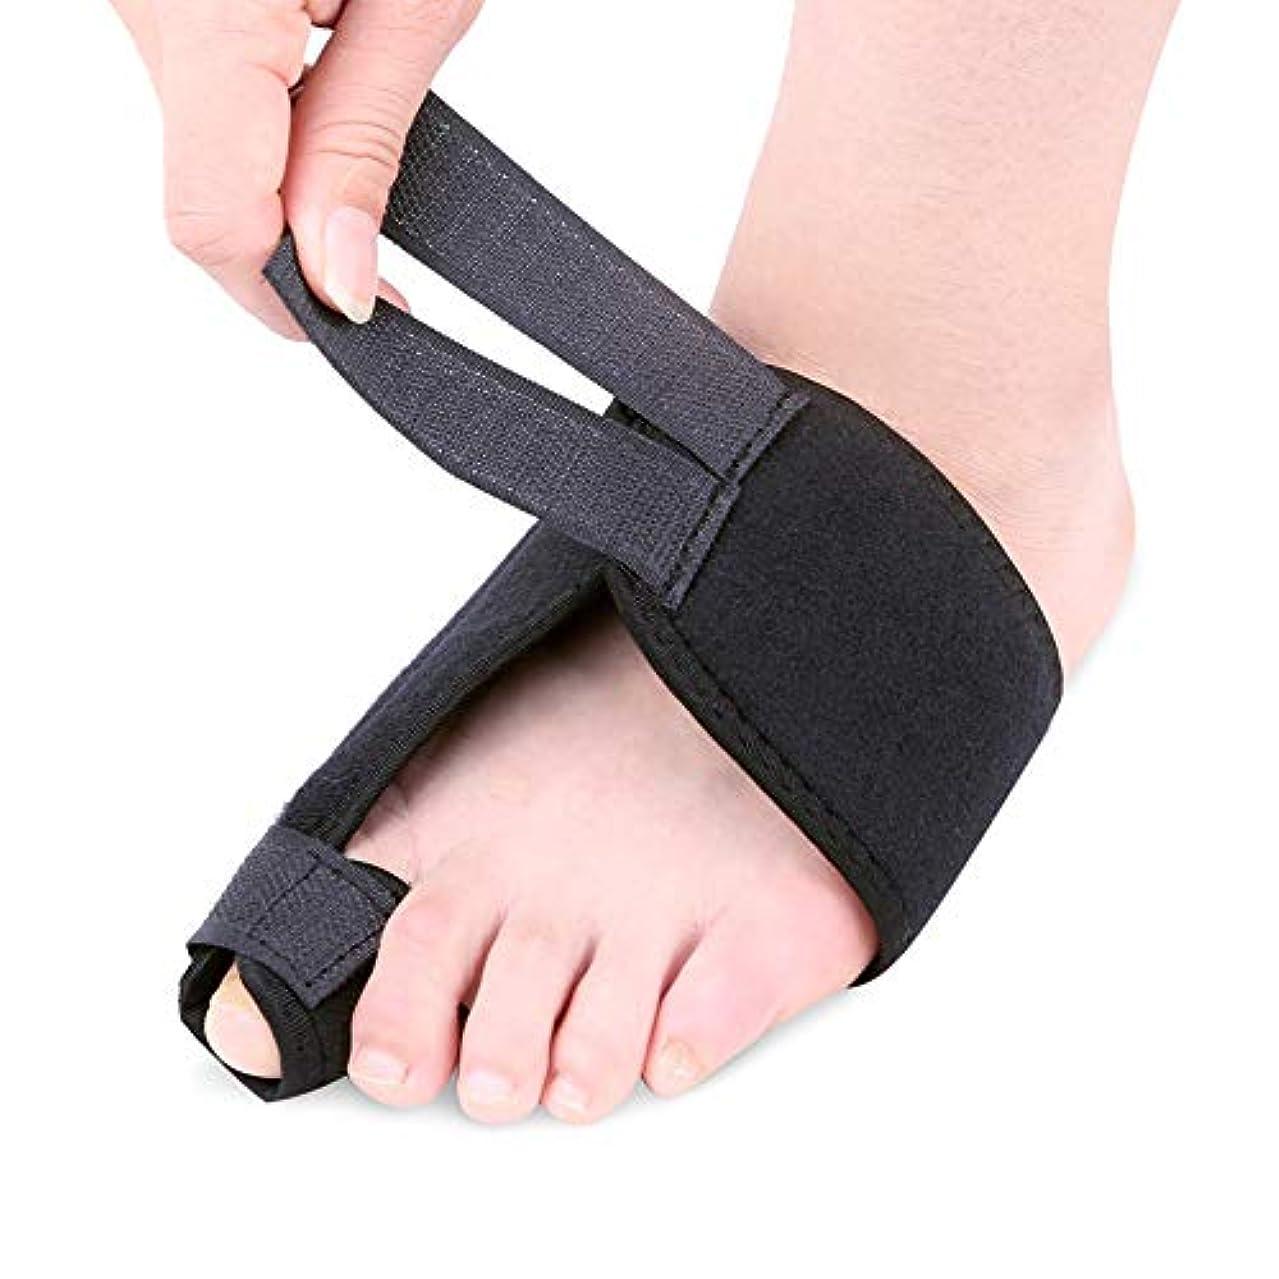 参照する連続したスイ外反母趾足指セパレーターは足指重複嚢胞通気性吸収汗を予防し、ヨガ後の痛みと変形を軽減,M